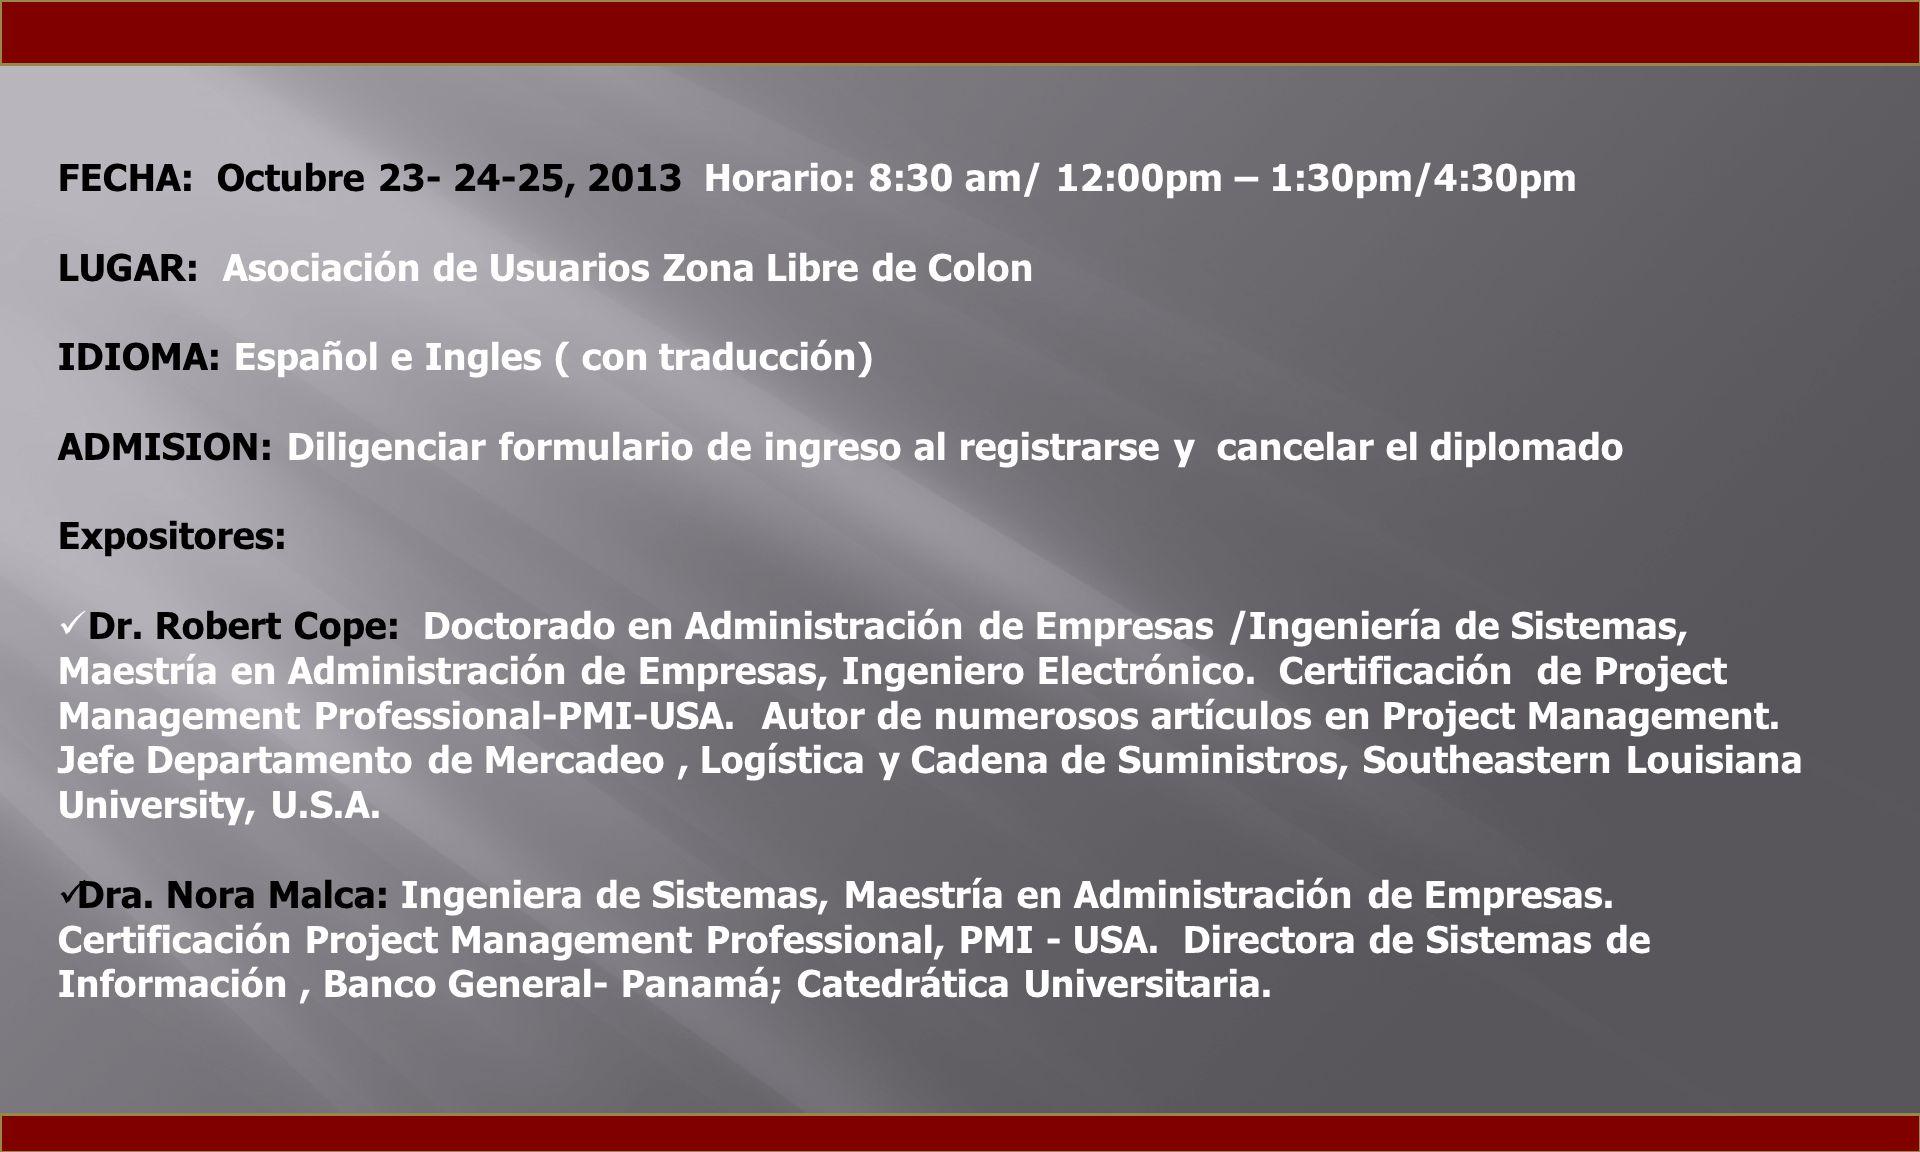 FECHA: Octubre 23- 24-25, 2013 Horario: 8:30 am/ 12:00pm – 1:30pm/4:30pm LUGAR: Asociación de Usuarios Zona Libre de Colon IDIOMA: Español e Ingles ( con traducción) ADMISION: Diligenciar formulario de ingreso al registrarse y cancelar el diplomado Expositores: Dr.